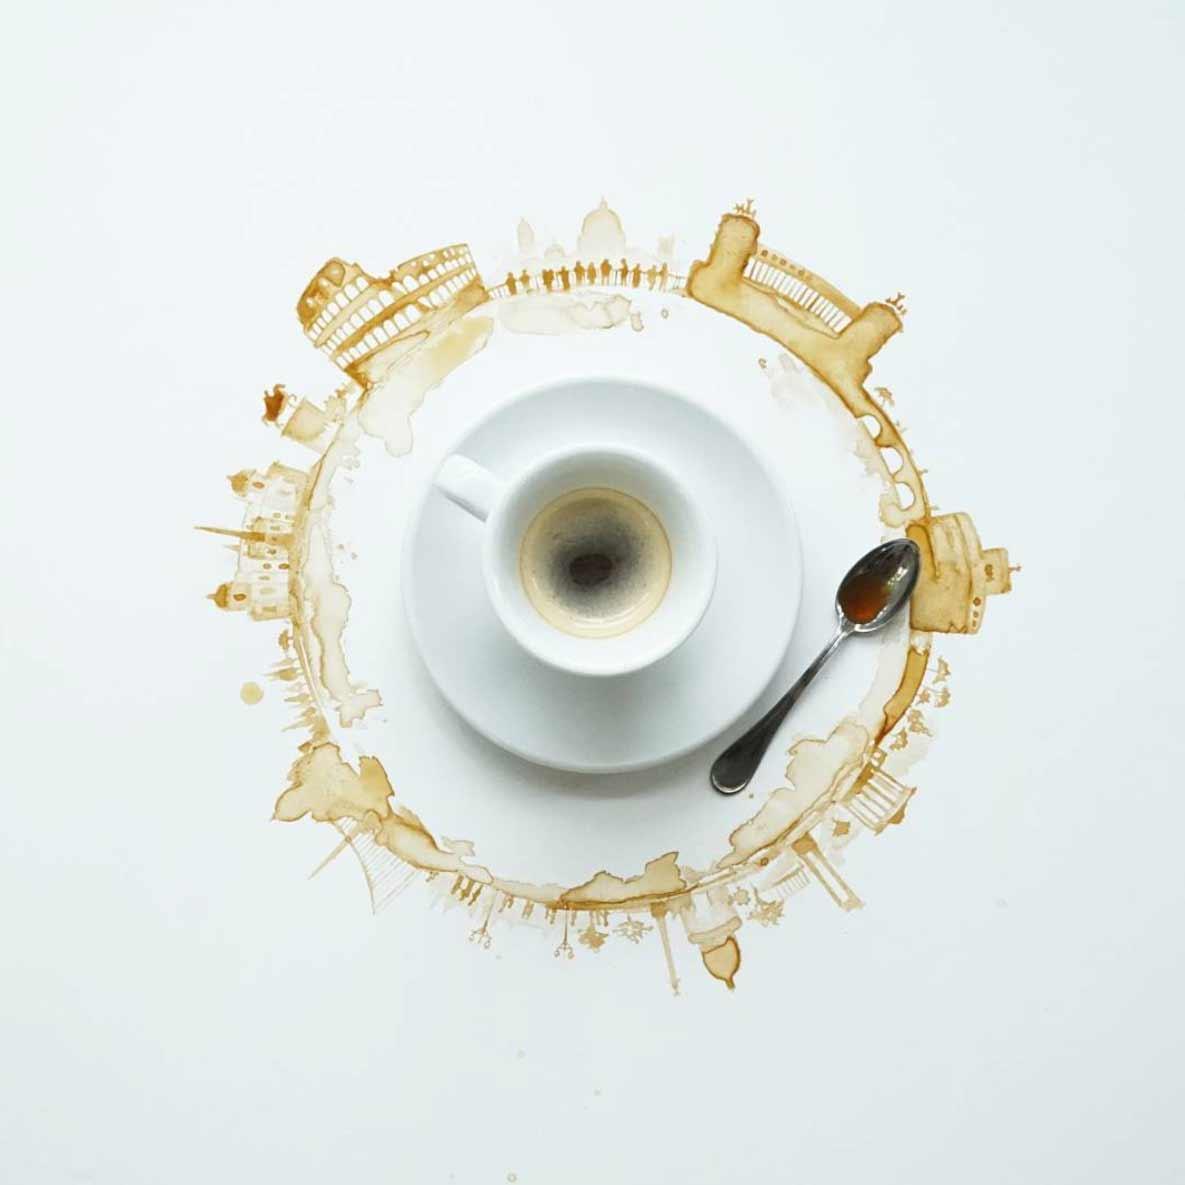 Neue Kaffee-Kunst von Giulia Bernardelli